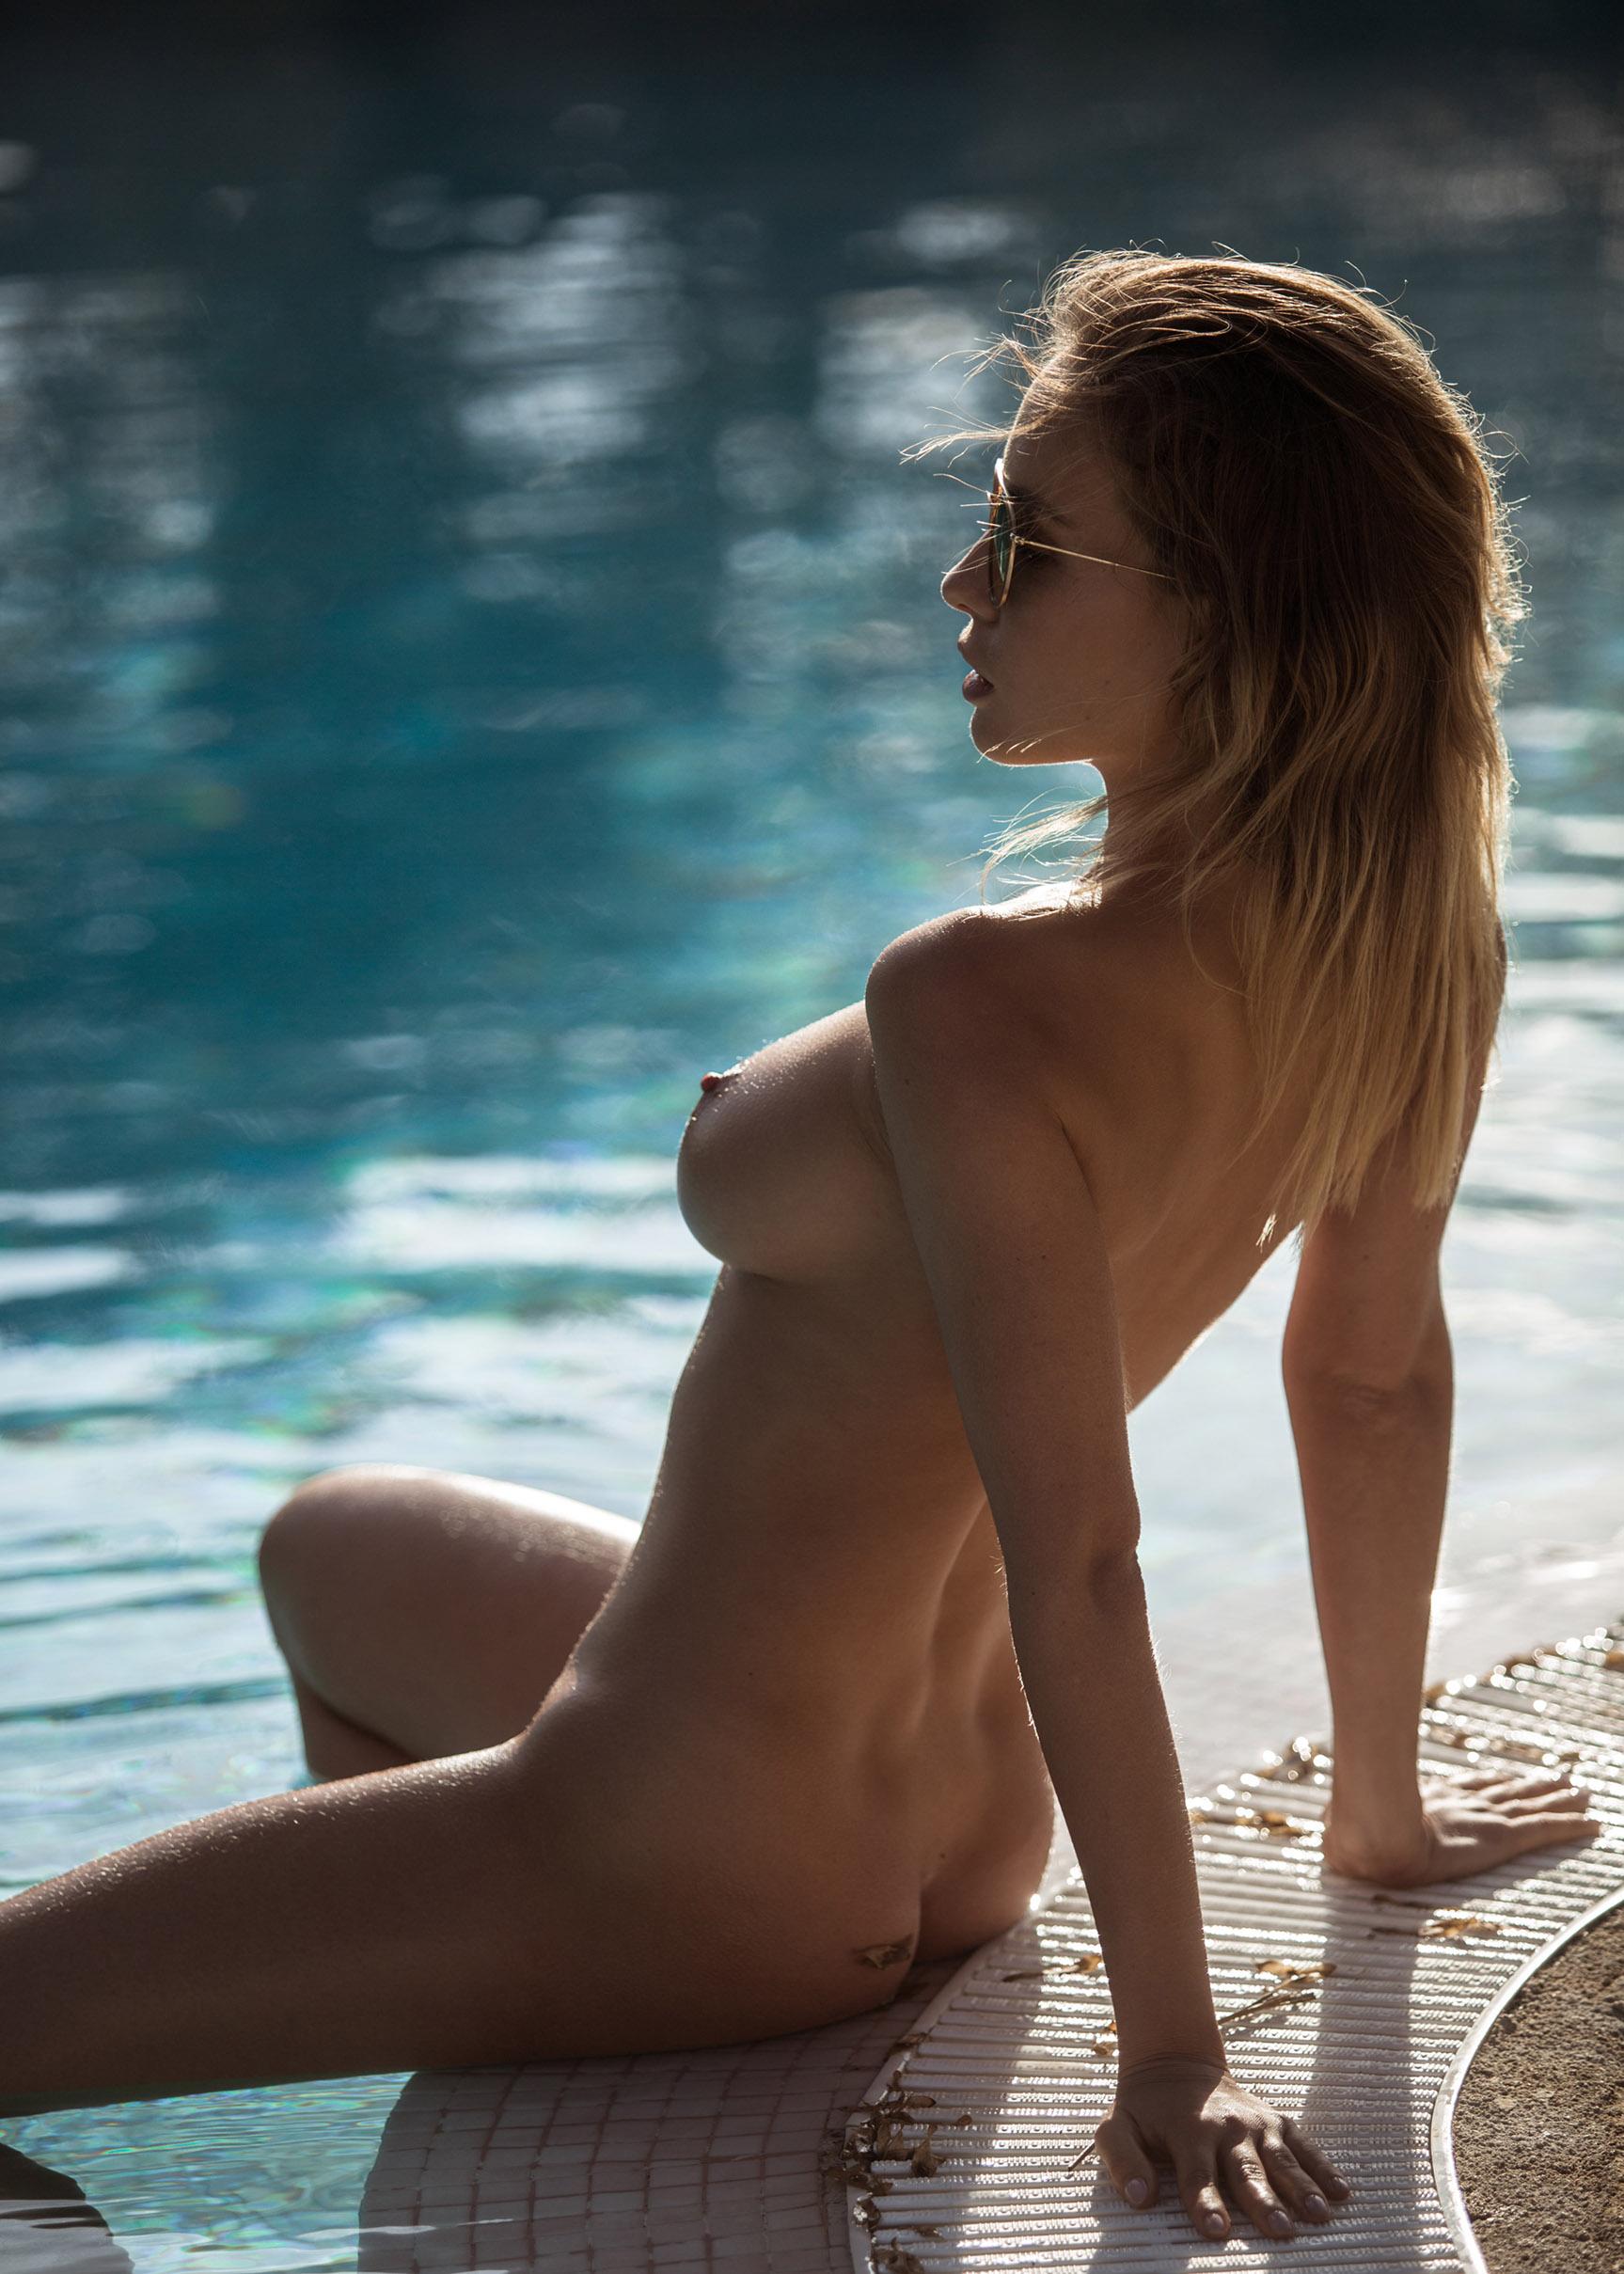 сексуальная обнаженная девушка отдыхает у бассейна / фото 18